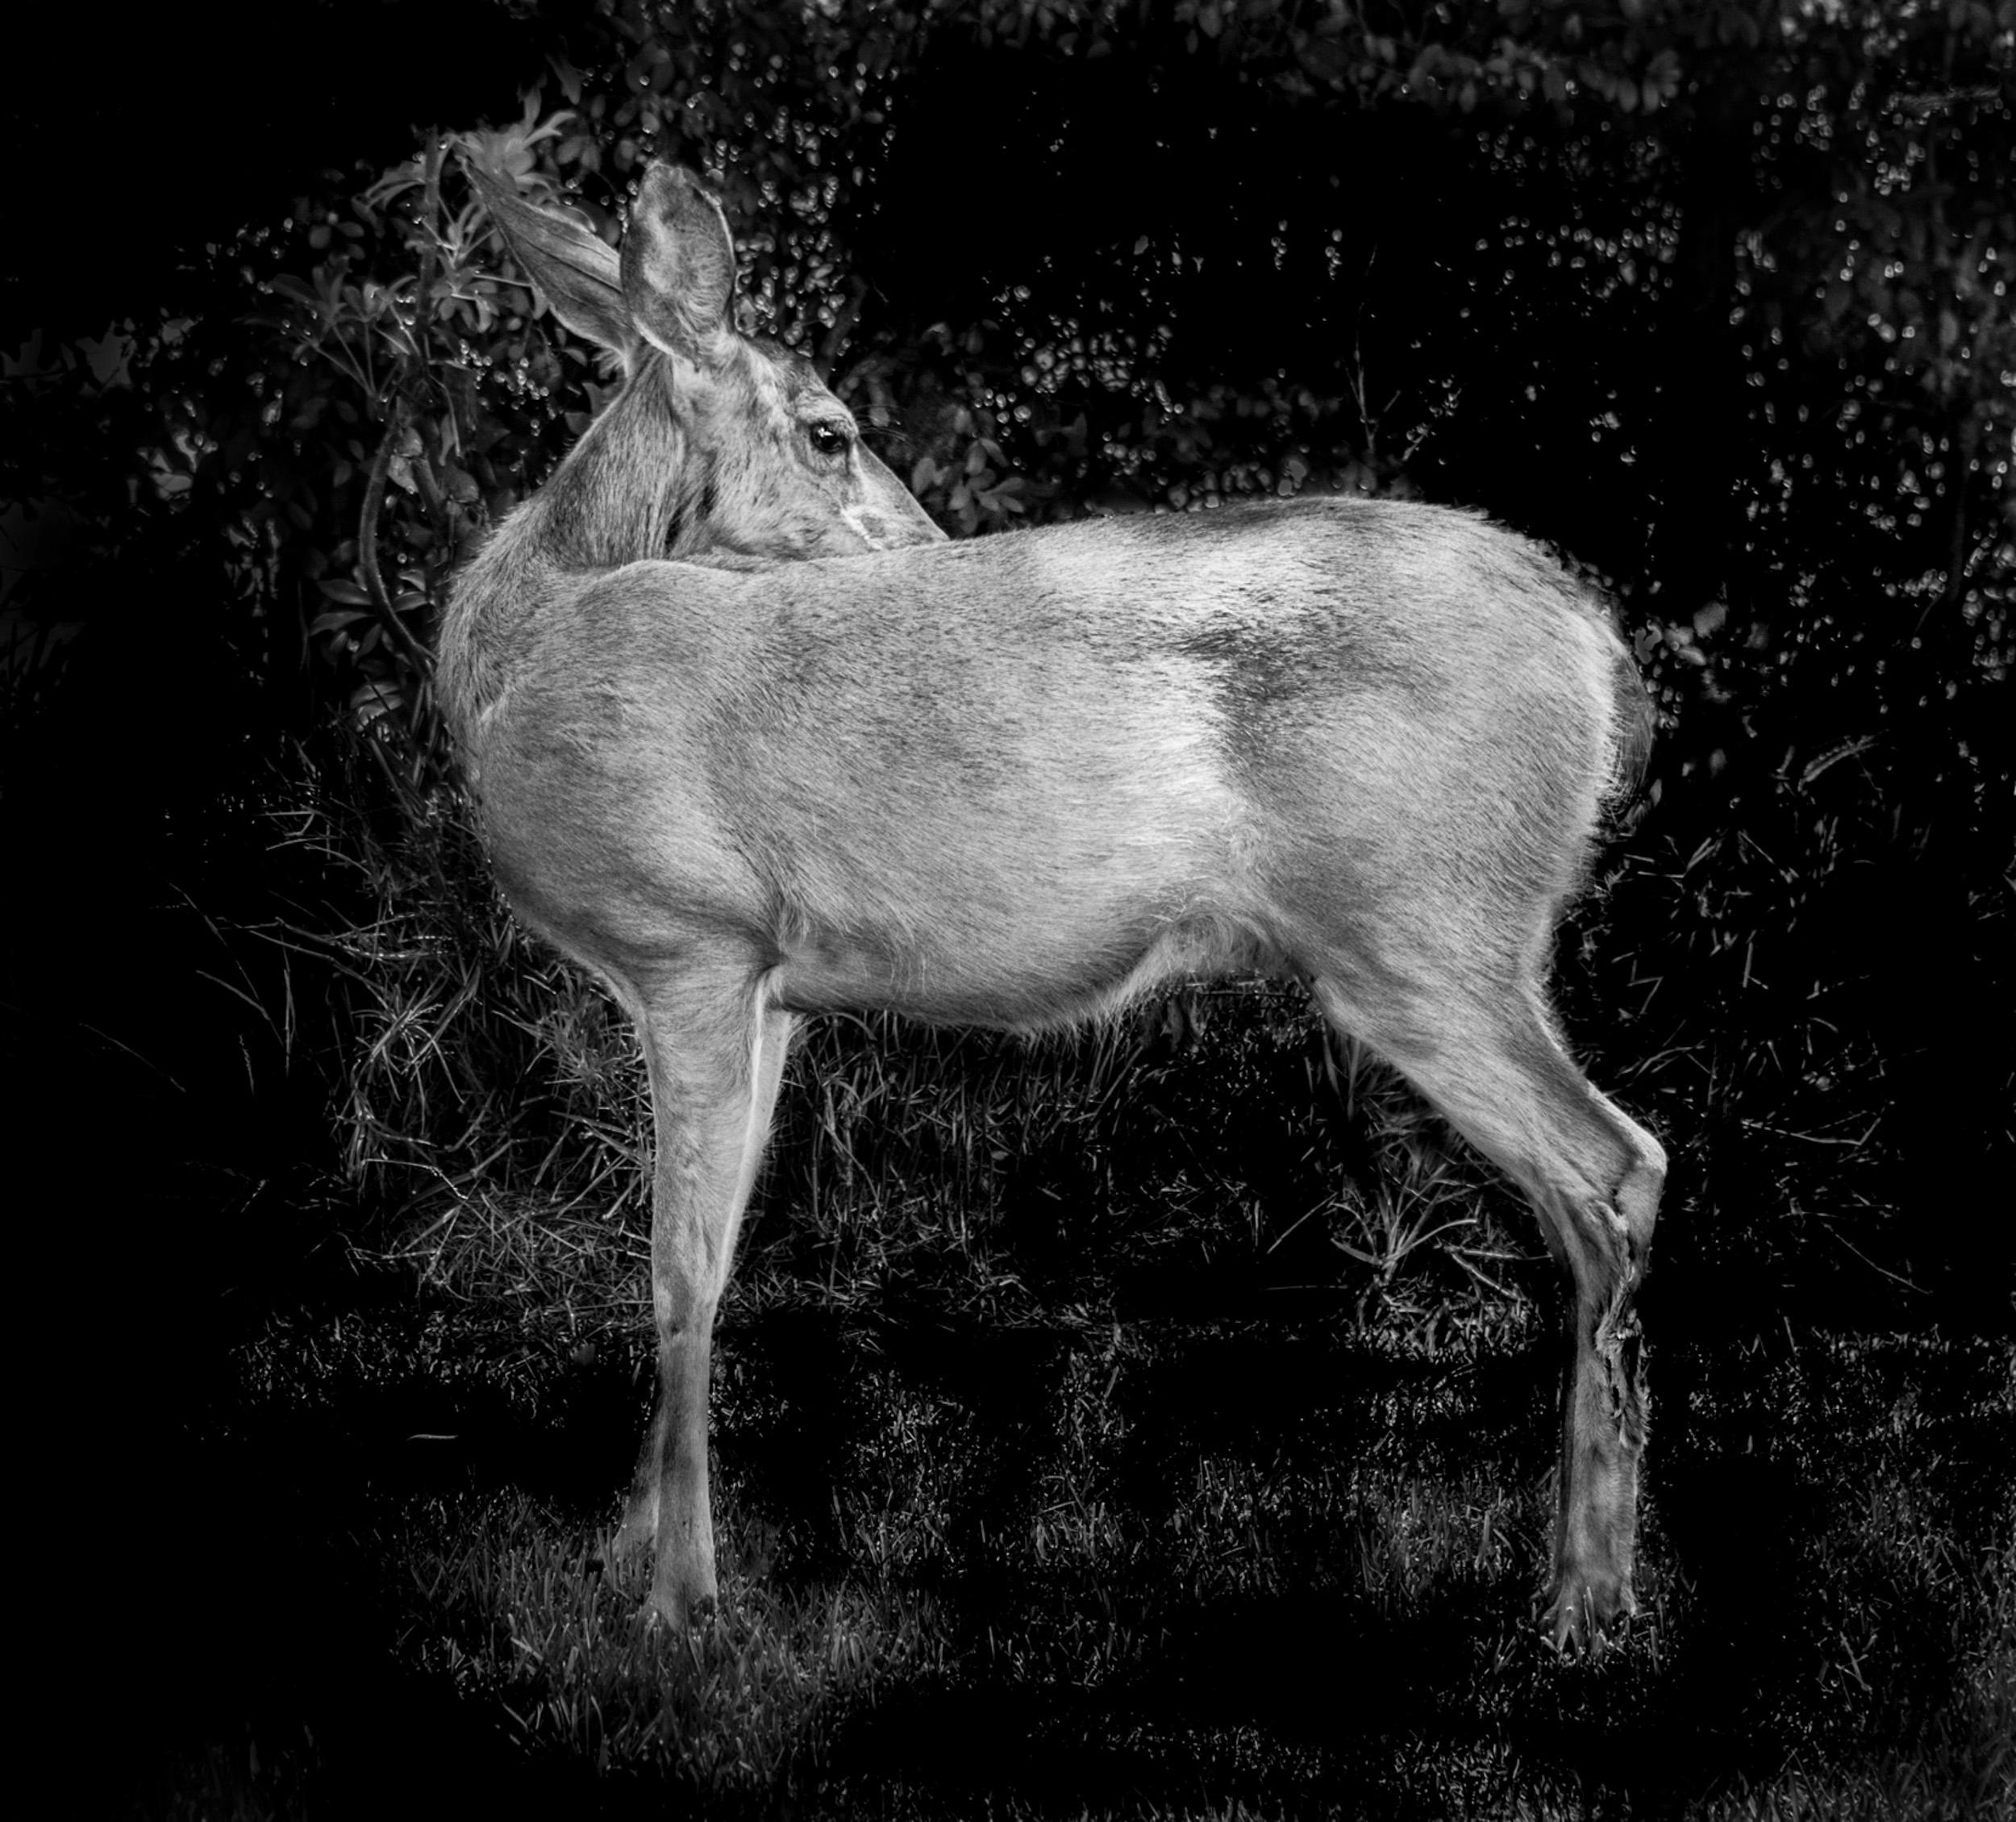 Deer Turned, Monrovia, California © Robert Welkie 2018